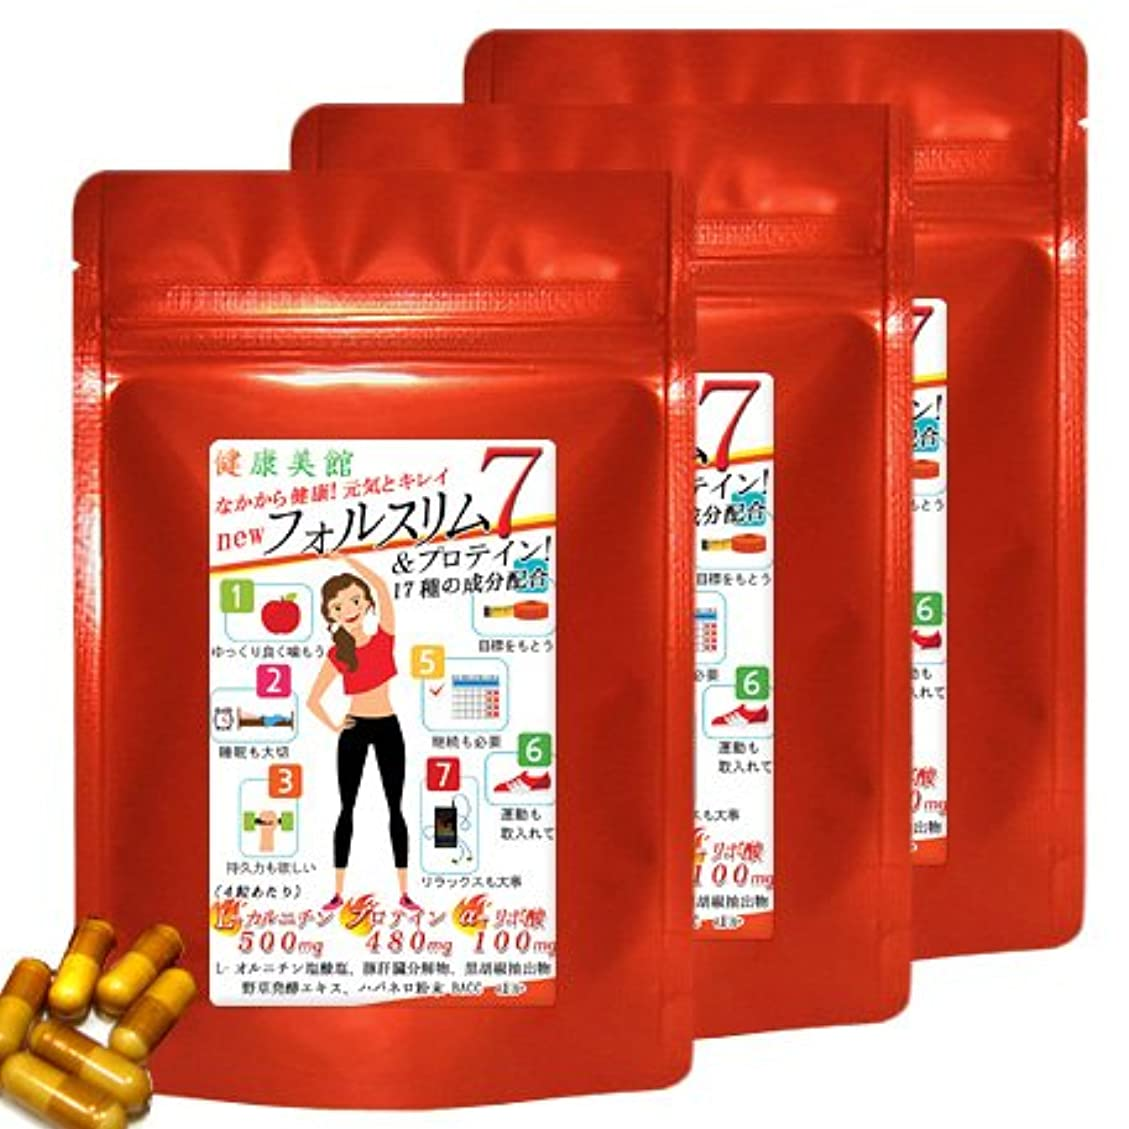 シェーバー抹消雇用者【お得用3袋セット】フォルスリム7 Lカルニチンにαリポ酸+さらにプロテインの 計17種の成分を配合しました!